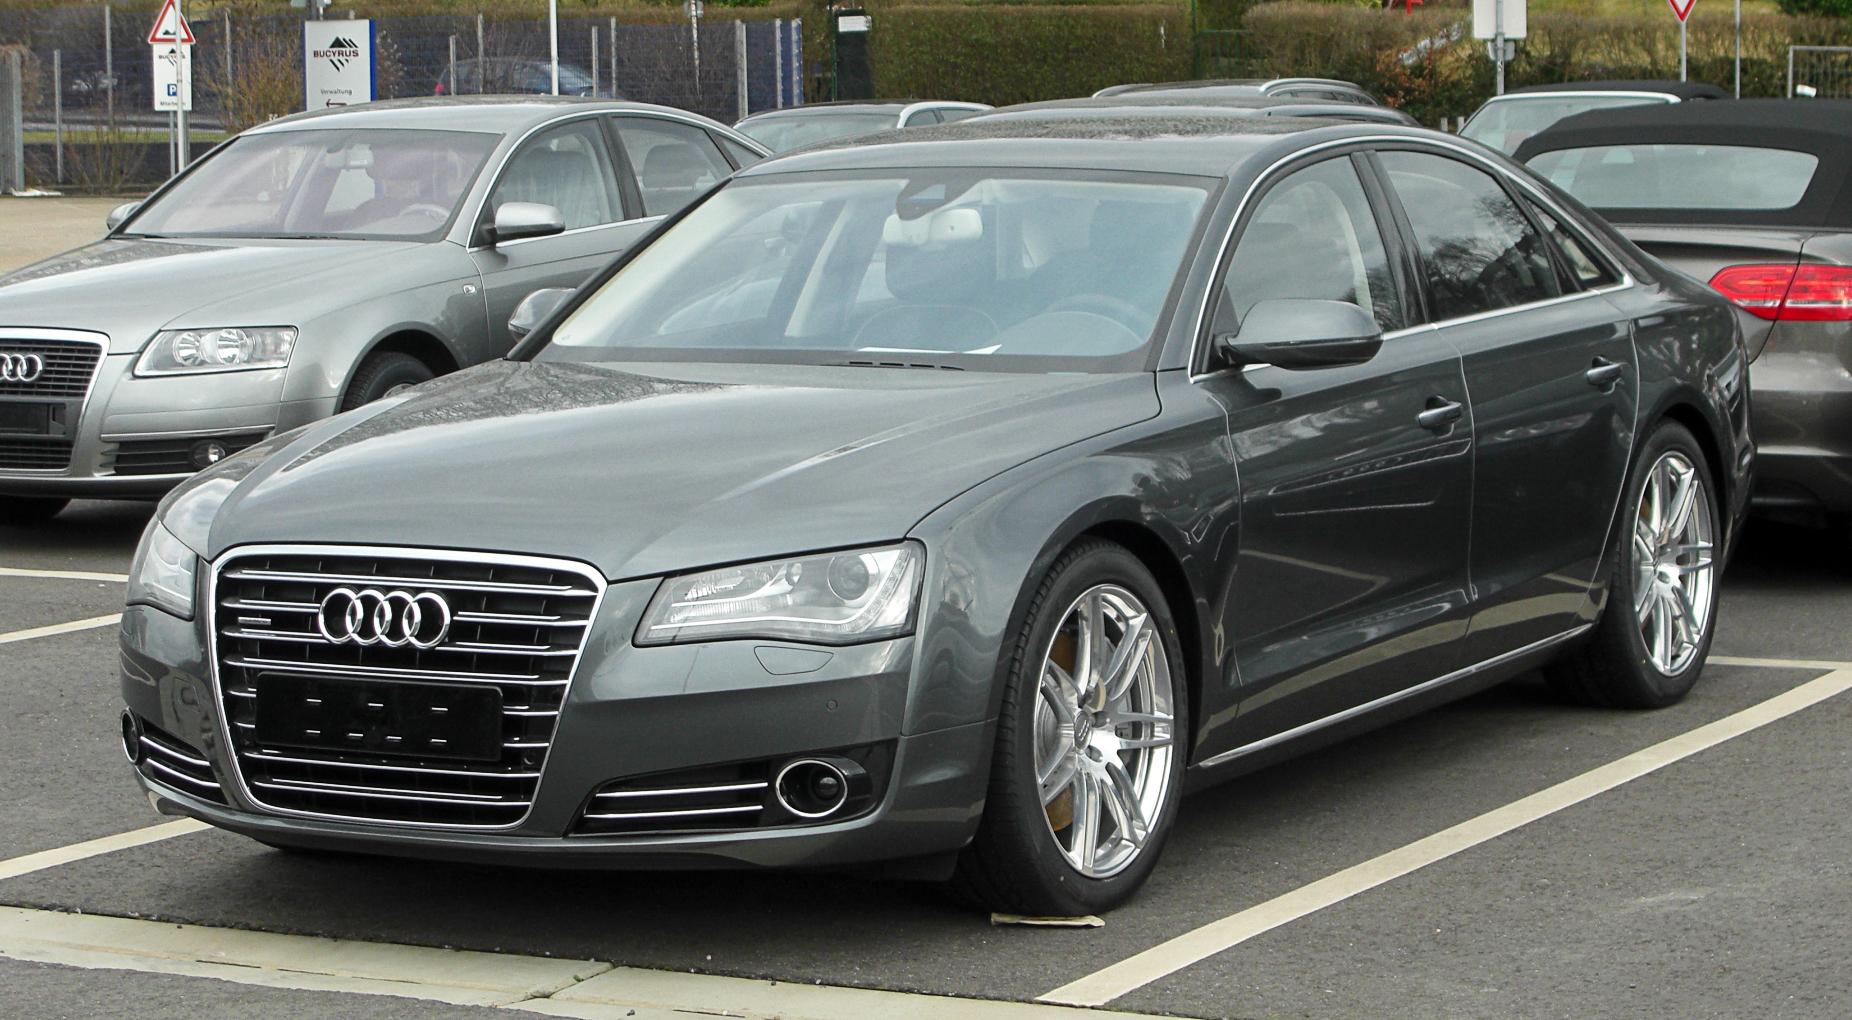 Audi_A8_(D4)_%E2%80%93_Frontansicht,_13.